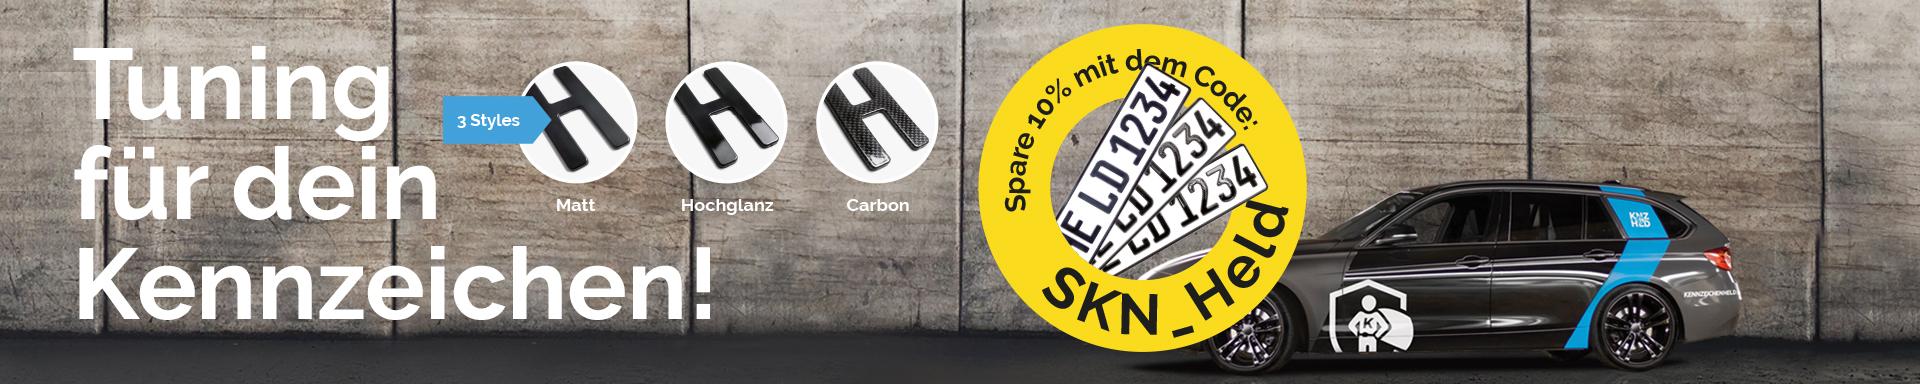 3D Kennzeichen für Ihr Auto von Kennzeichenheld.de!